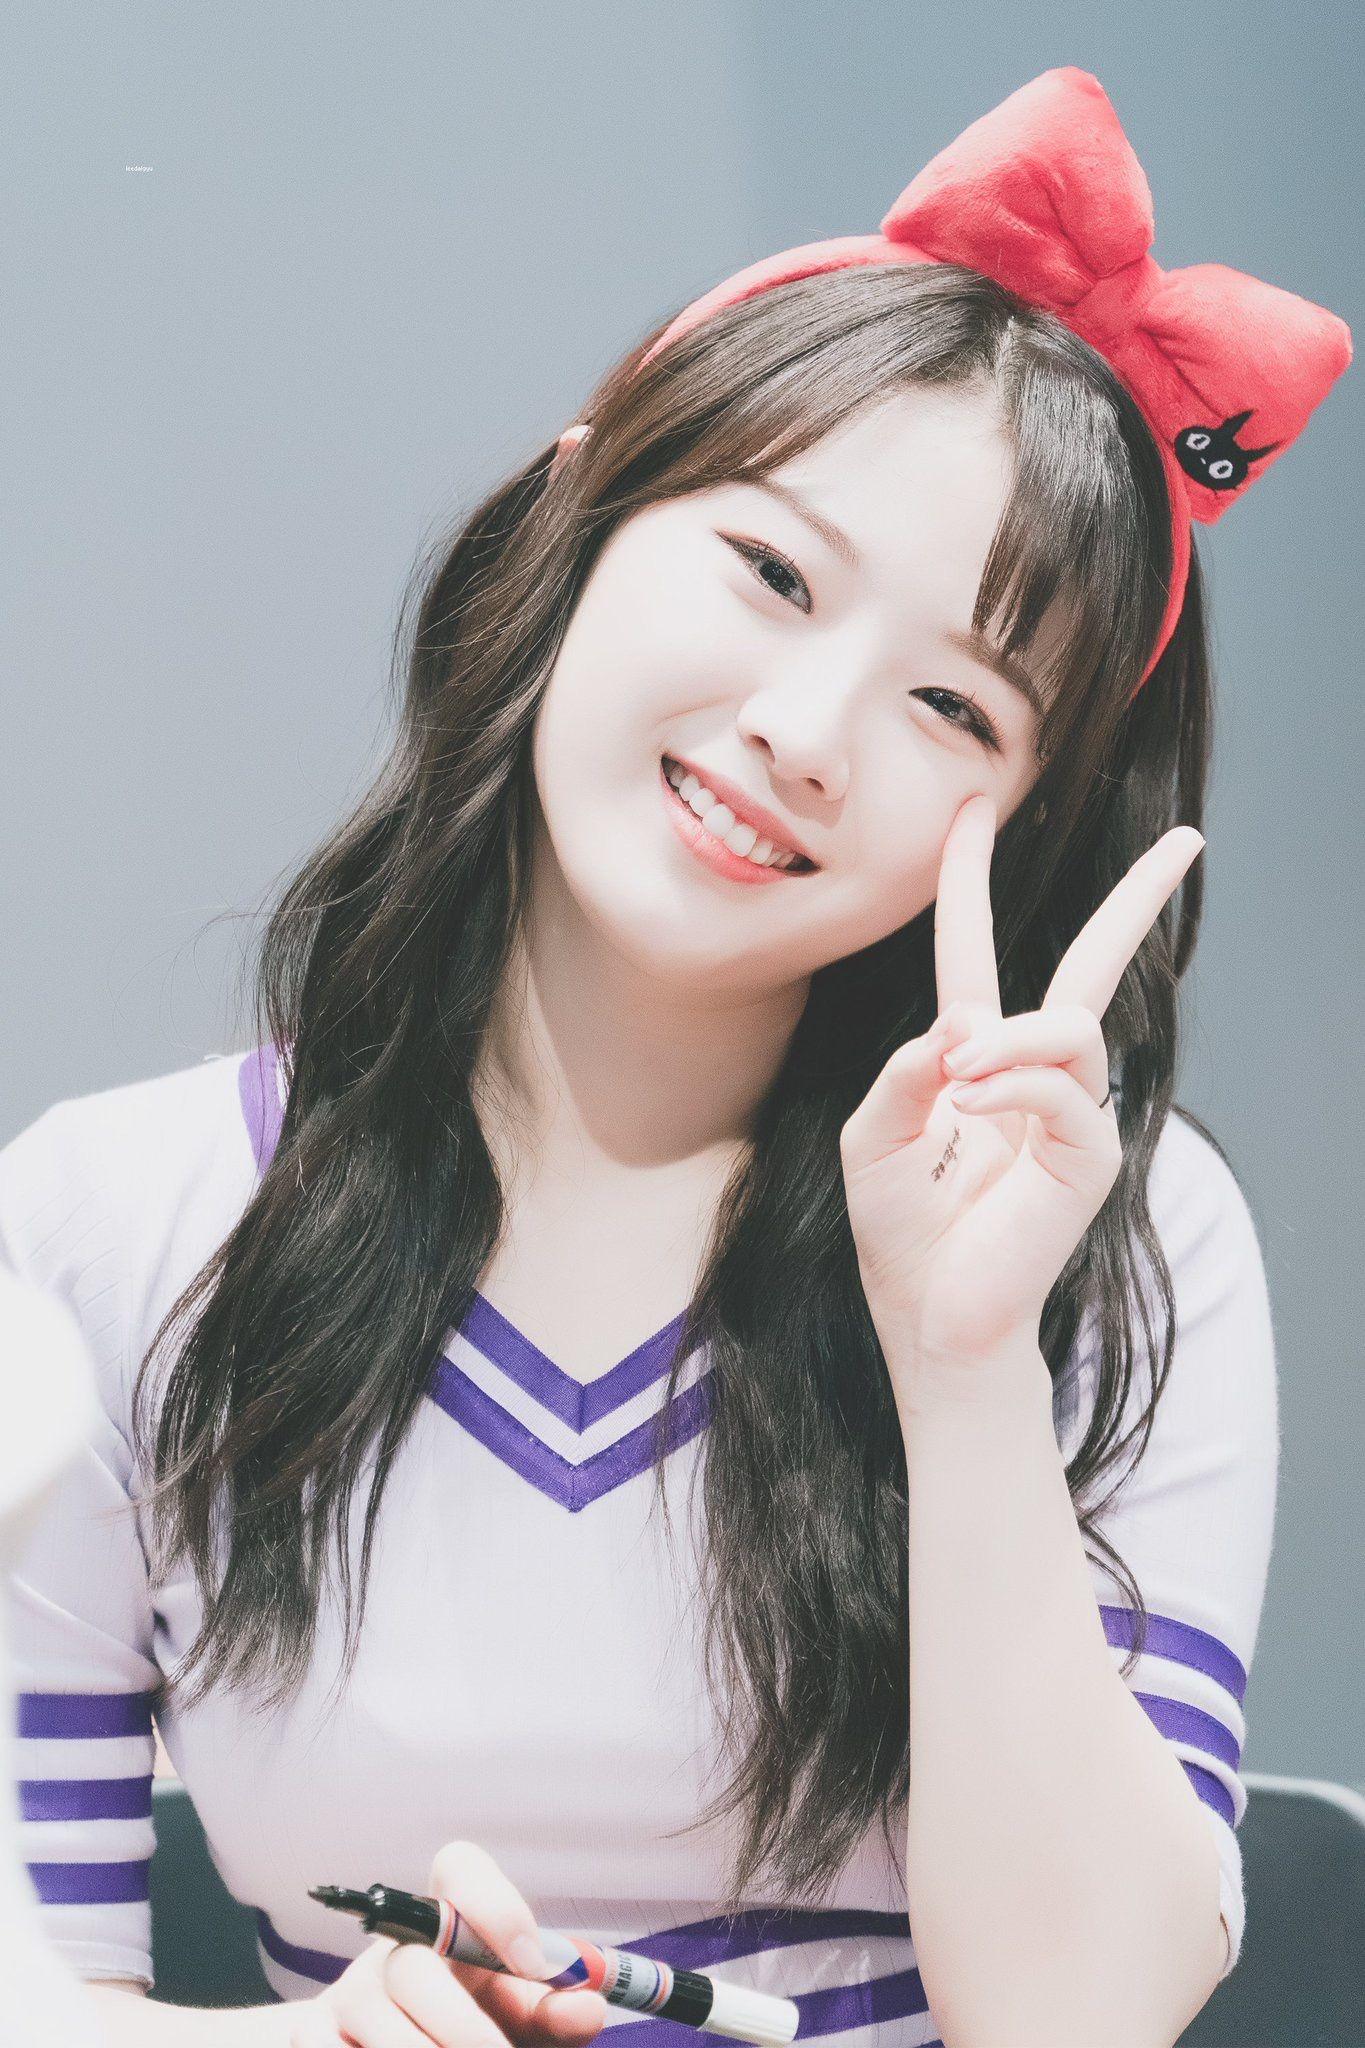 이달규 on in 2020 Kpop girls, Korean girl groups, South